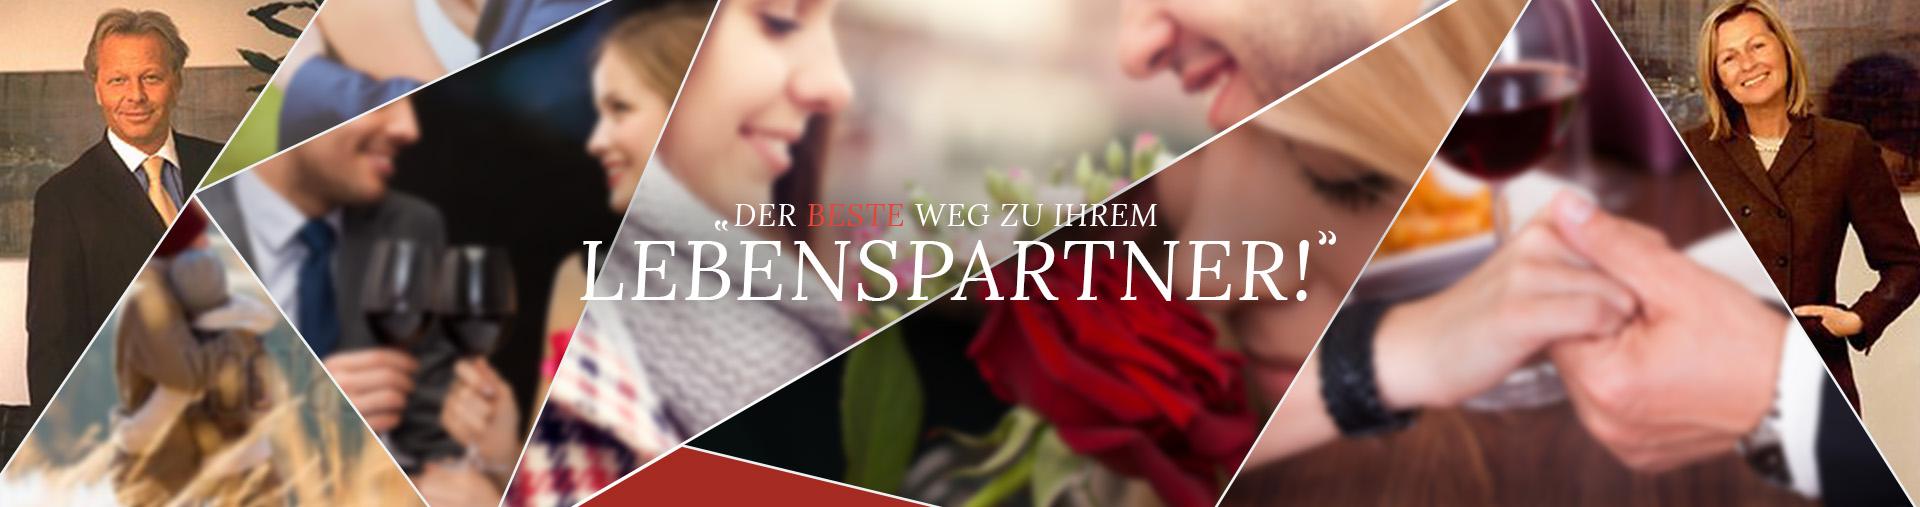 partnervermittlung luzern Koblenz